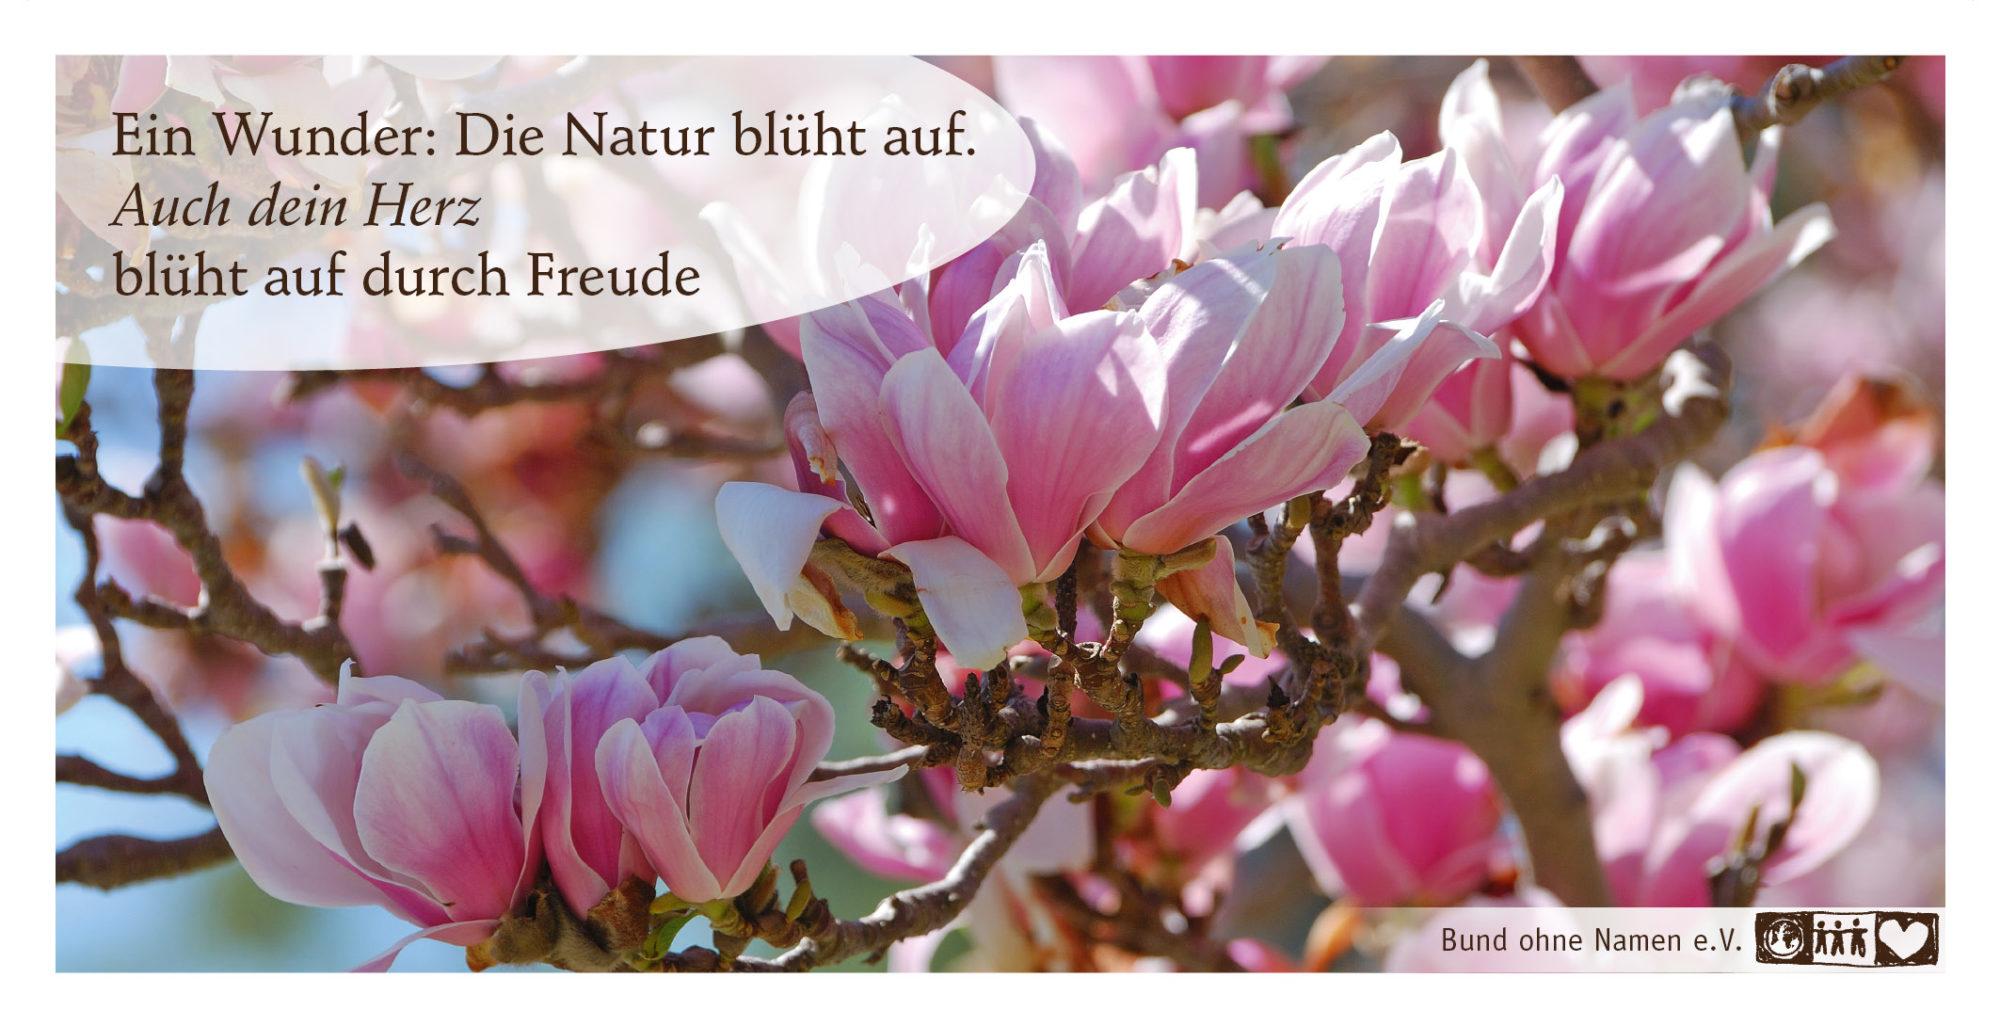 Ein Wunder: Die Natur blüht auf. Auch dein Herz blüht durch Freude